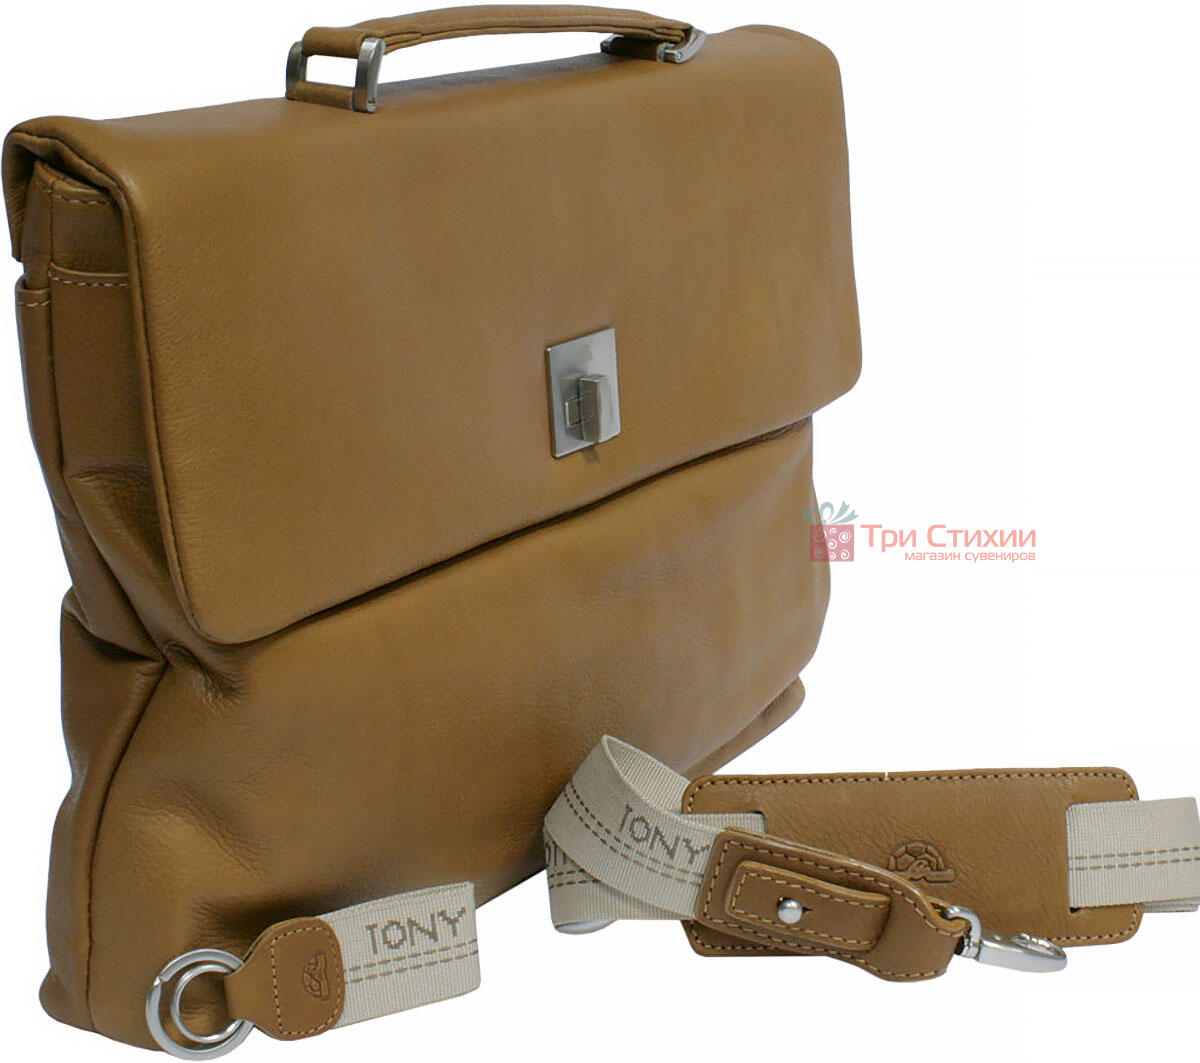 Портфель Tony Perotti Contatto 9160-35-Ct cuoio Світло-коньячний, Колір: Коньяк, фото